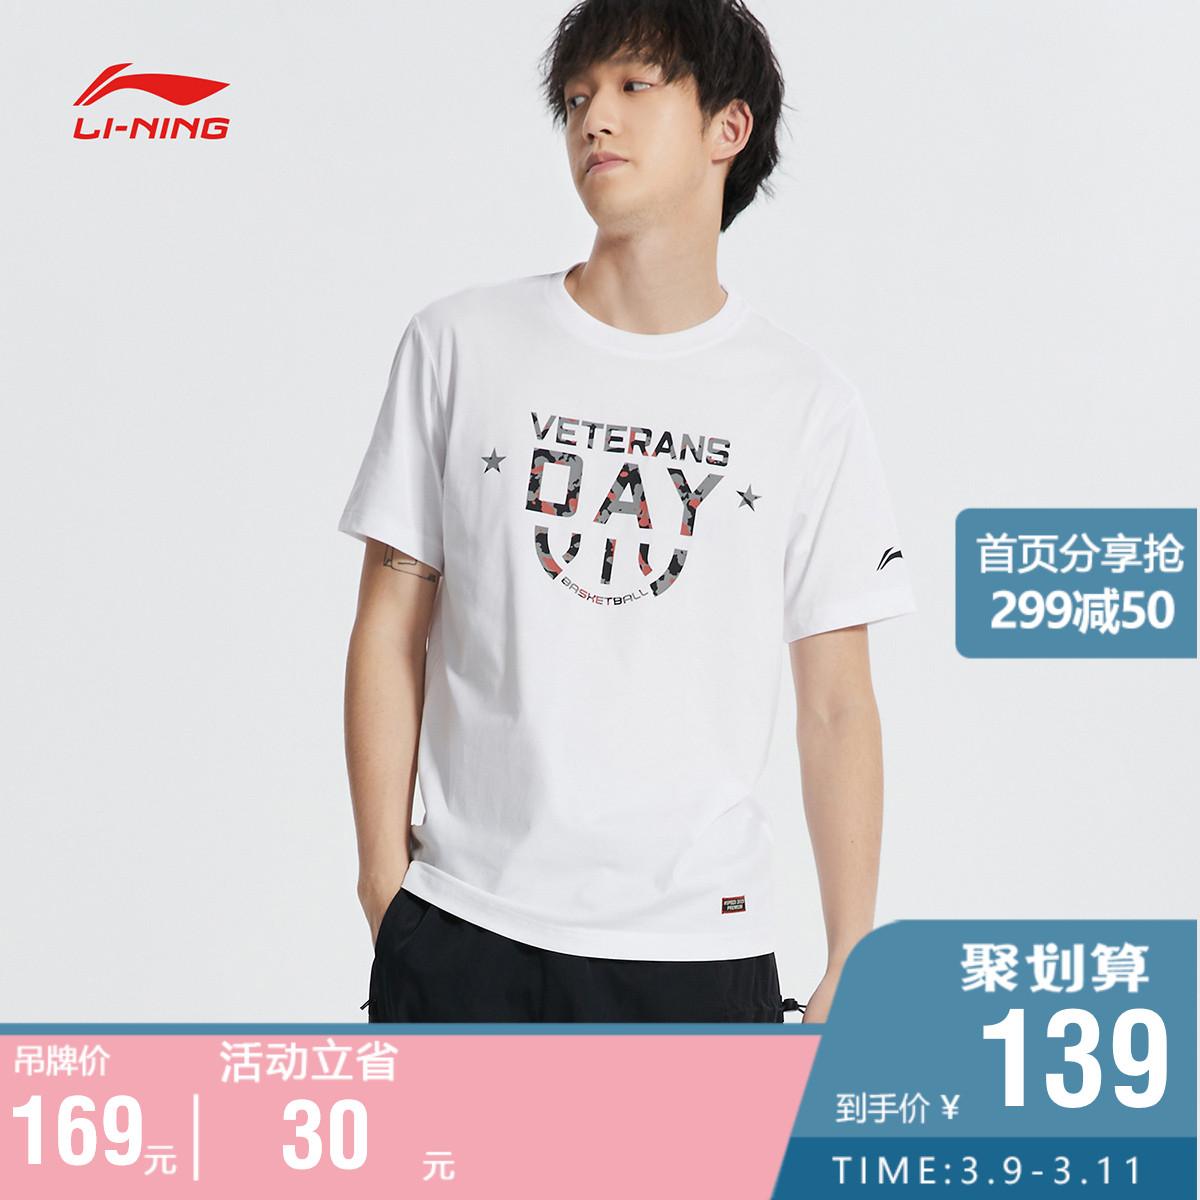 李宁短袖T恤男士2020新款篮球系列男装圆领上衣针织运动服AHSQ005